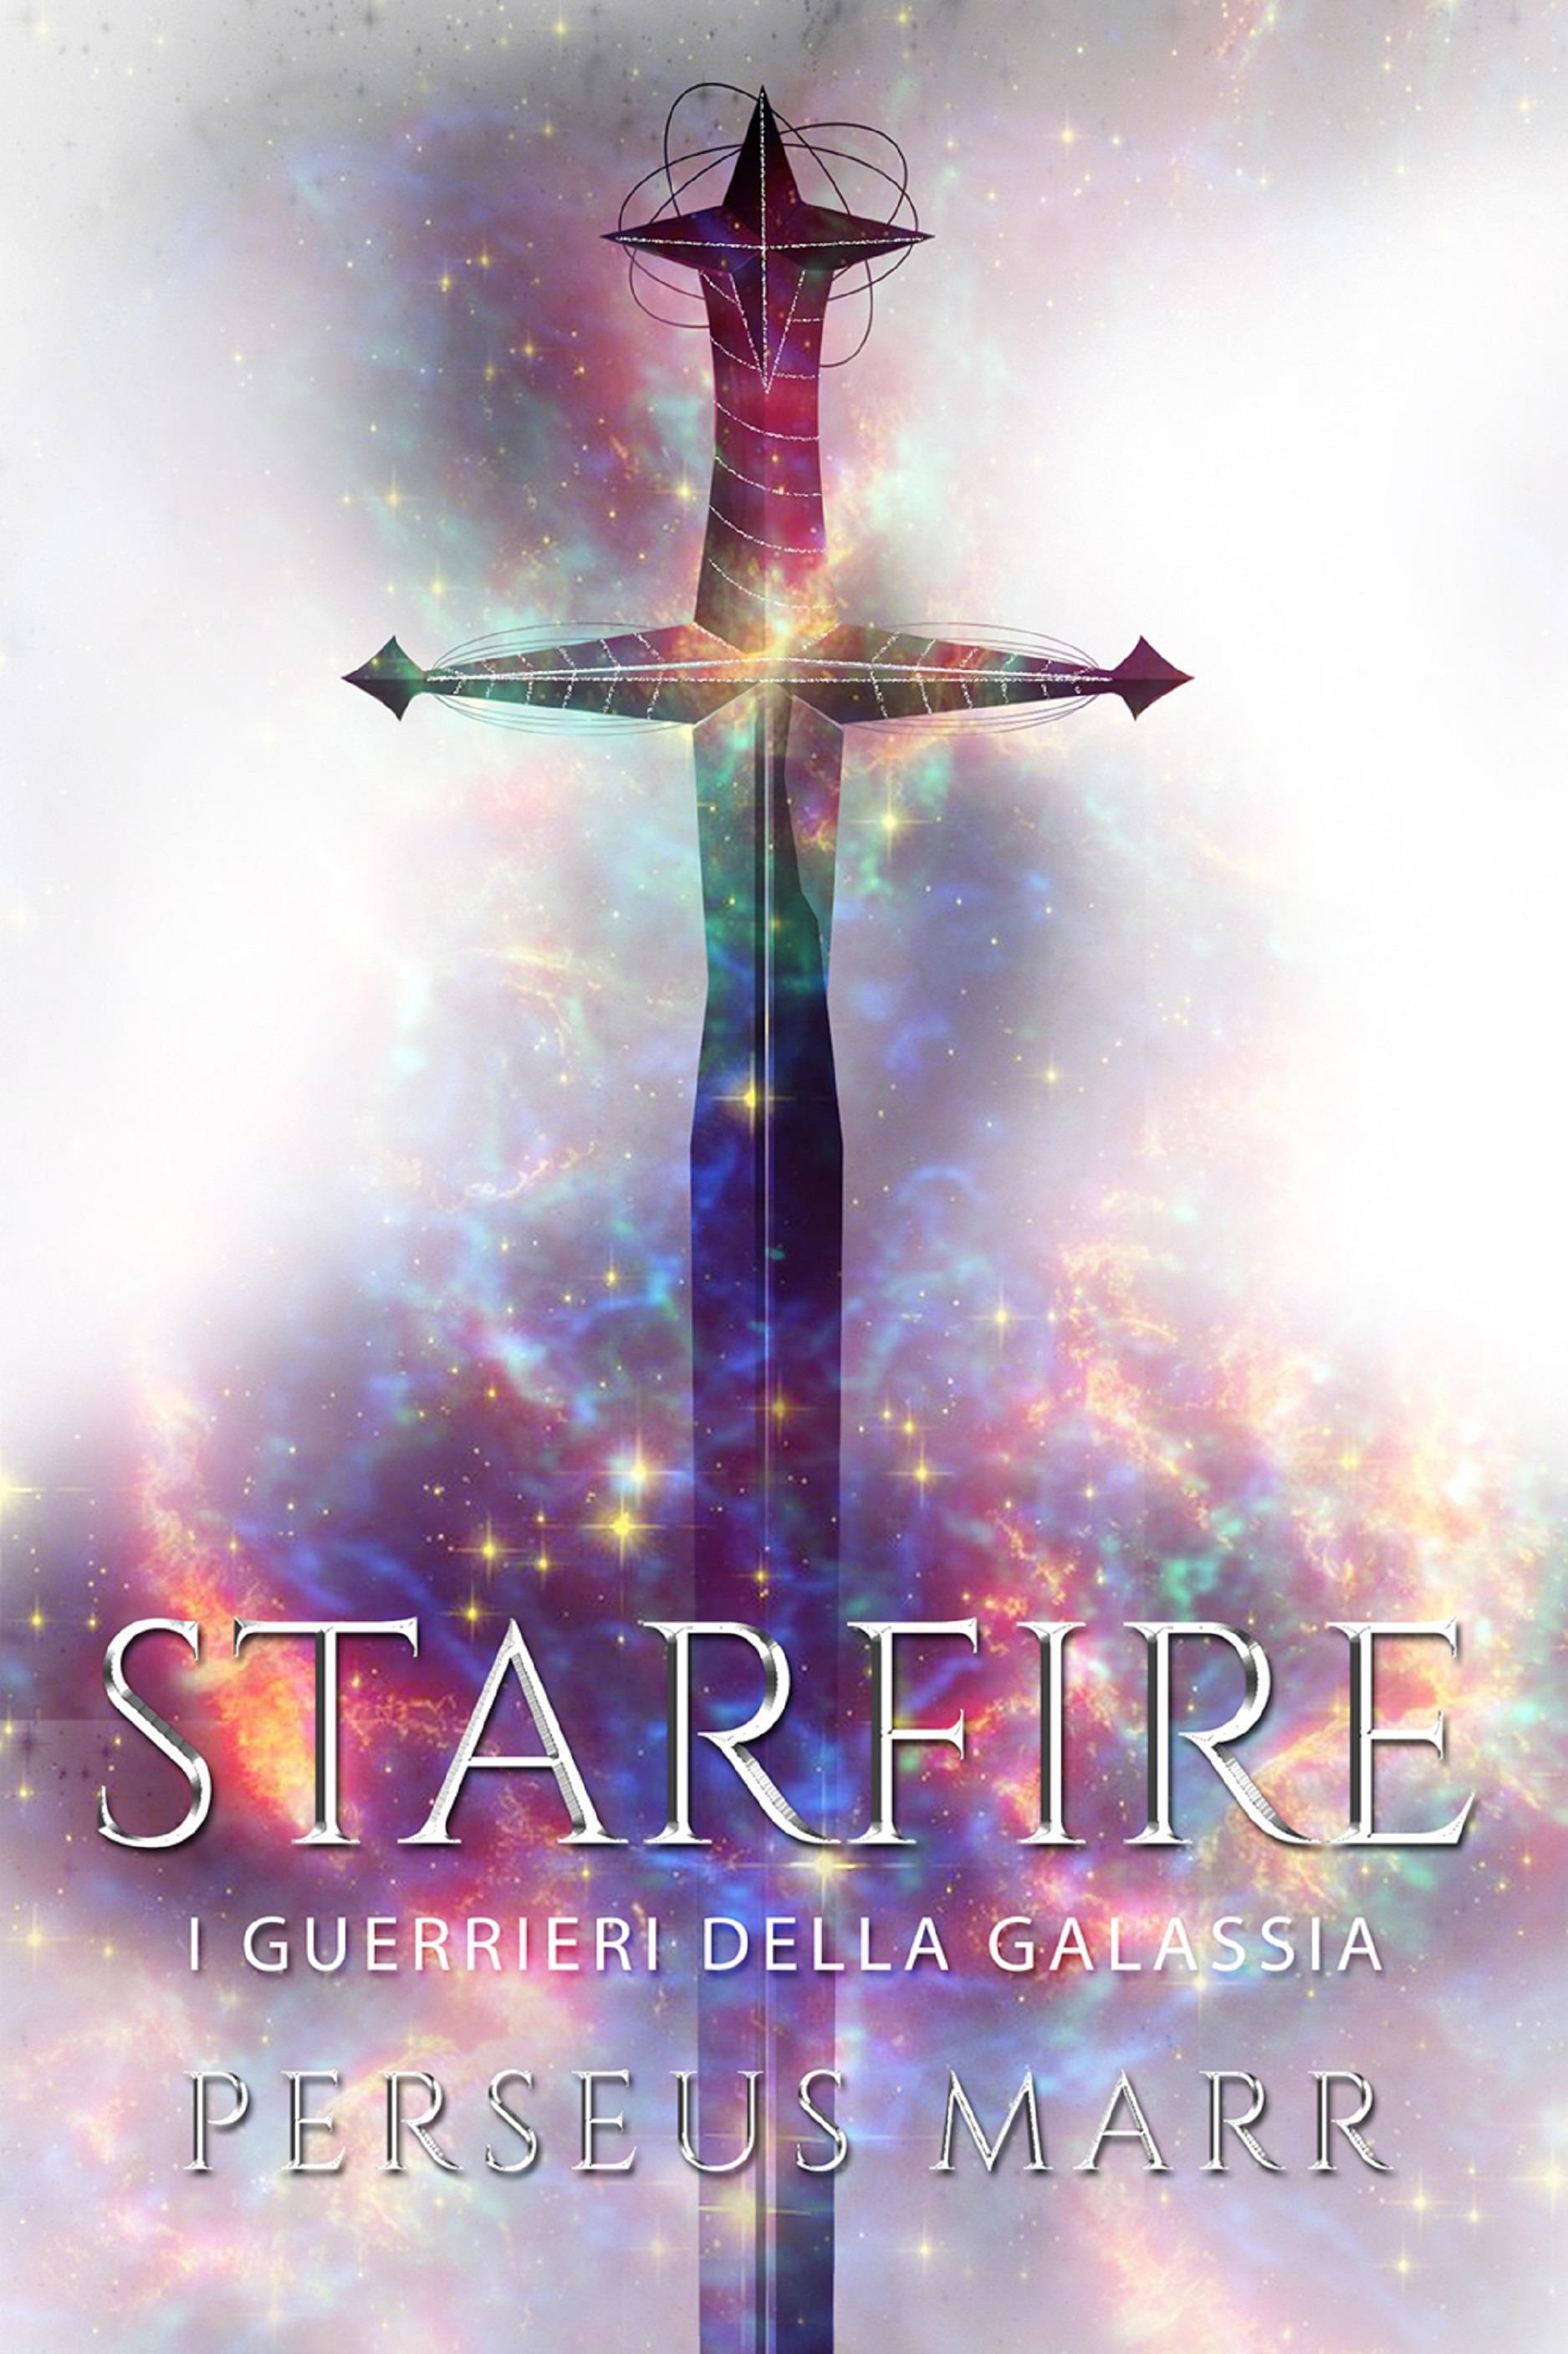 Starfire - I Guerrieri della Galassia